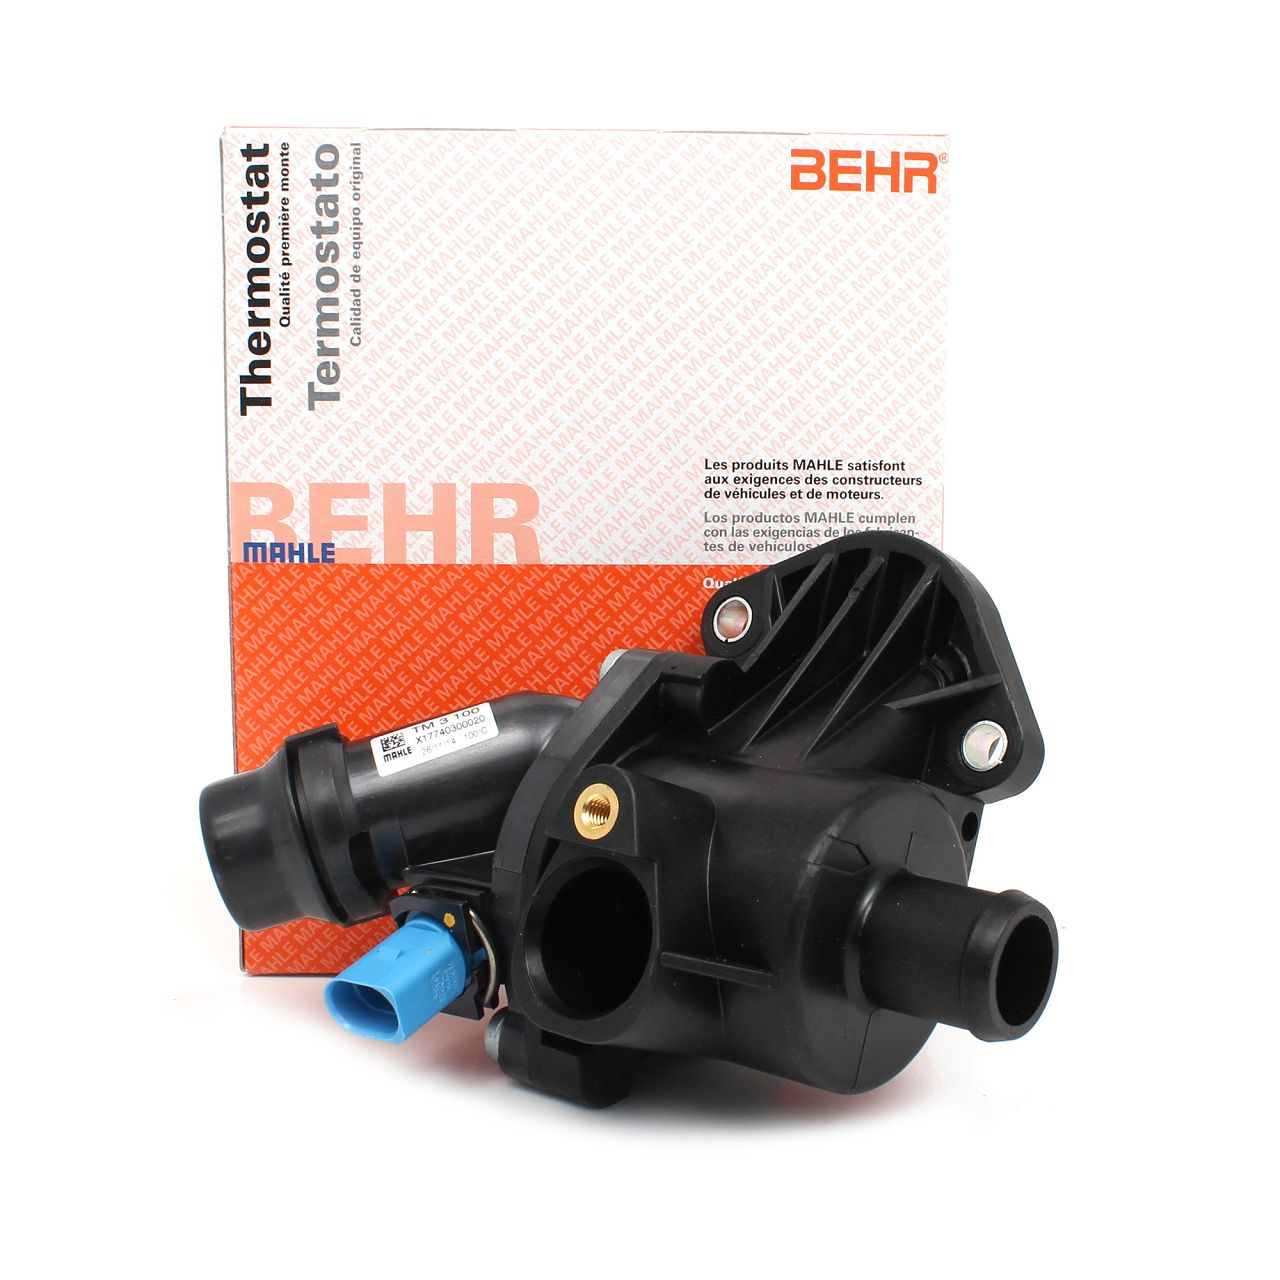 BEHR TM3100 Thermostat VW Passat (3B3 3B6 B5) 2.0 AUDI A4 (B5 B6 B7) A6 (C5) 1.8 T 2.0